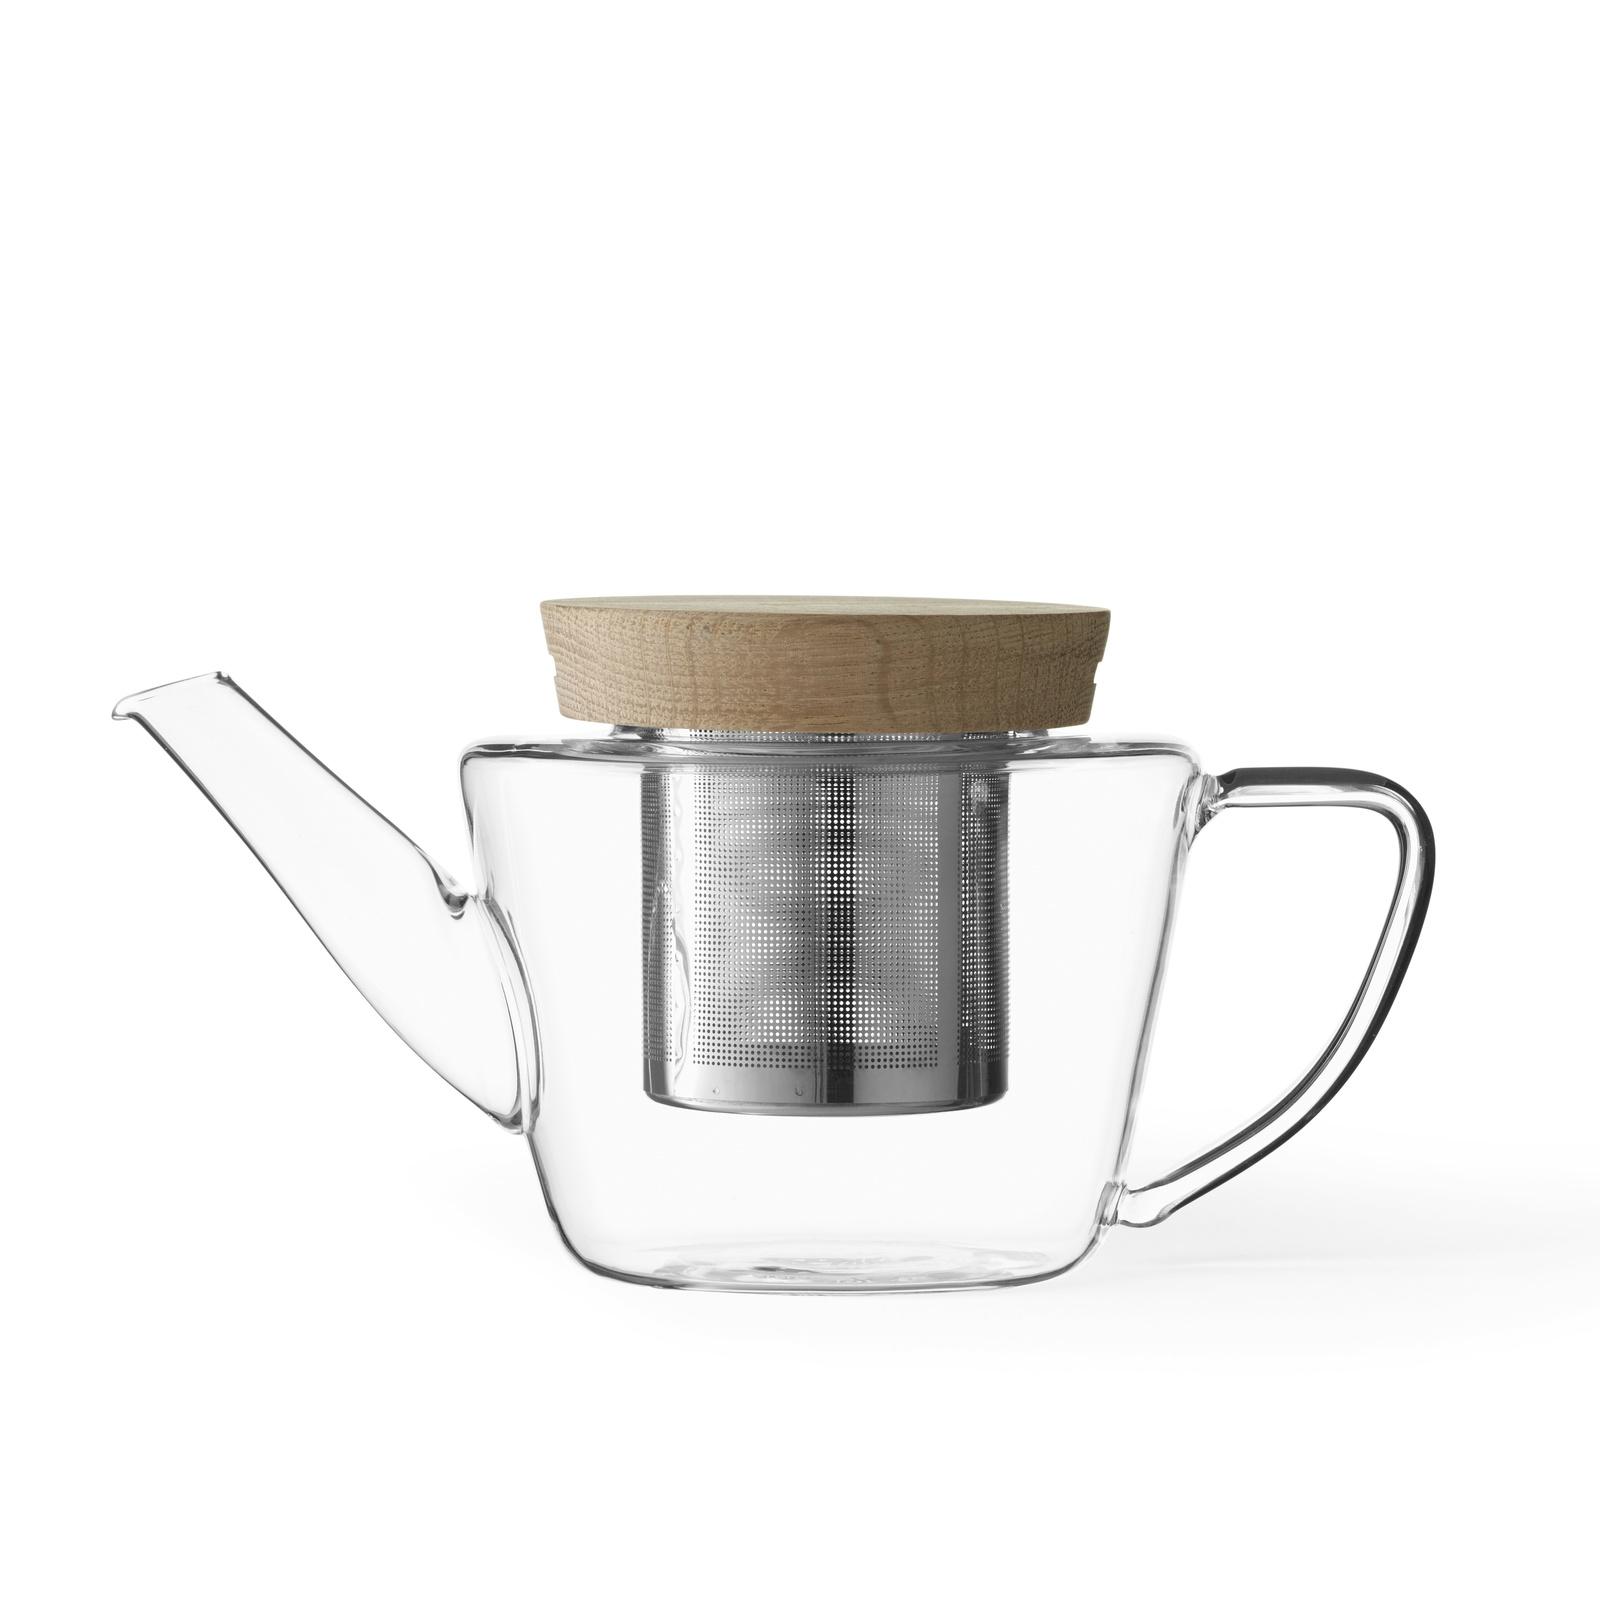 Чайник заварочный с ситечком Viva scandinaviaInfusion 0,6л.V75400В этом заварочном чайнике с ситечком выразительность минималистского стиля гармонично дополняется приятным теплом натурального дуба. Стекло и дерево - два материала, которые дарят ощущение спокойствия и гармонии. Ощутите приятное тепло и душевное равновесие с этим прекрасным чайником! Для души и внутреннего комфорта! VIVA® Scandinavia была основана в 2007 году в Дании группой дизайнеров, страстно любящих чай, чьи культурные корни сделали их приверженцами скандинавского образа жизни. В 2012 году компания получила награду Red Dot Award за заварочный чайник Infusion.